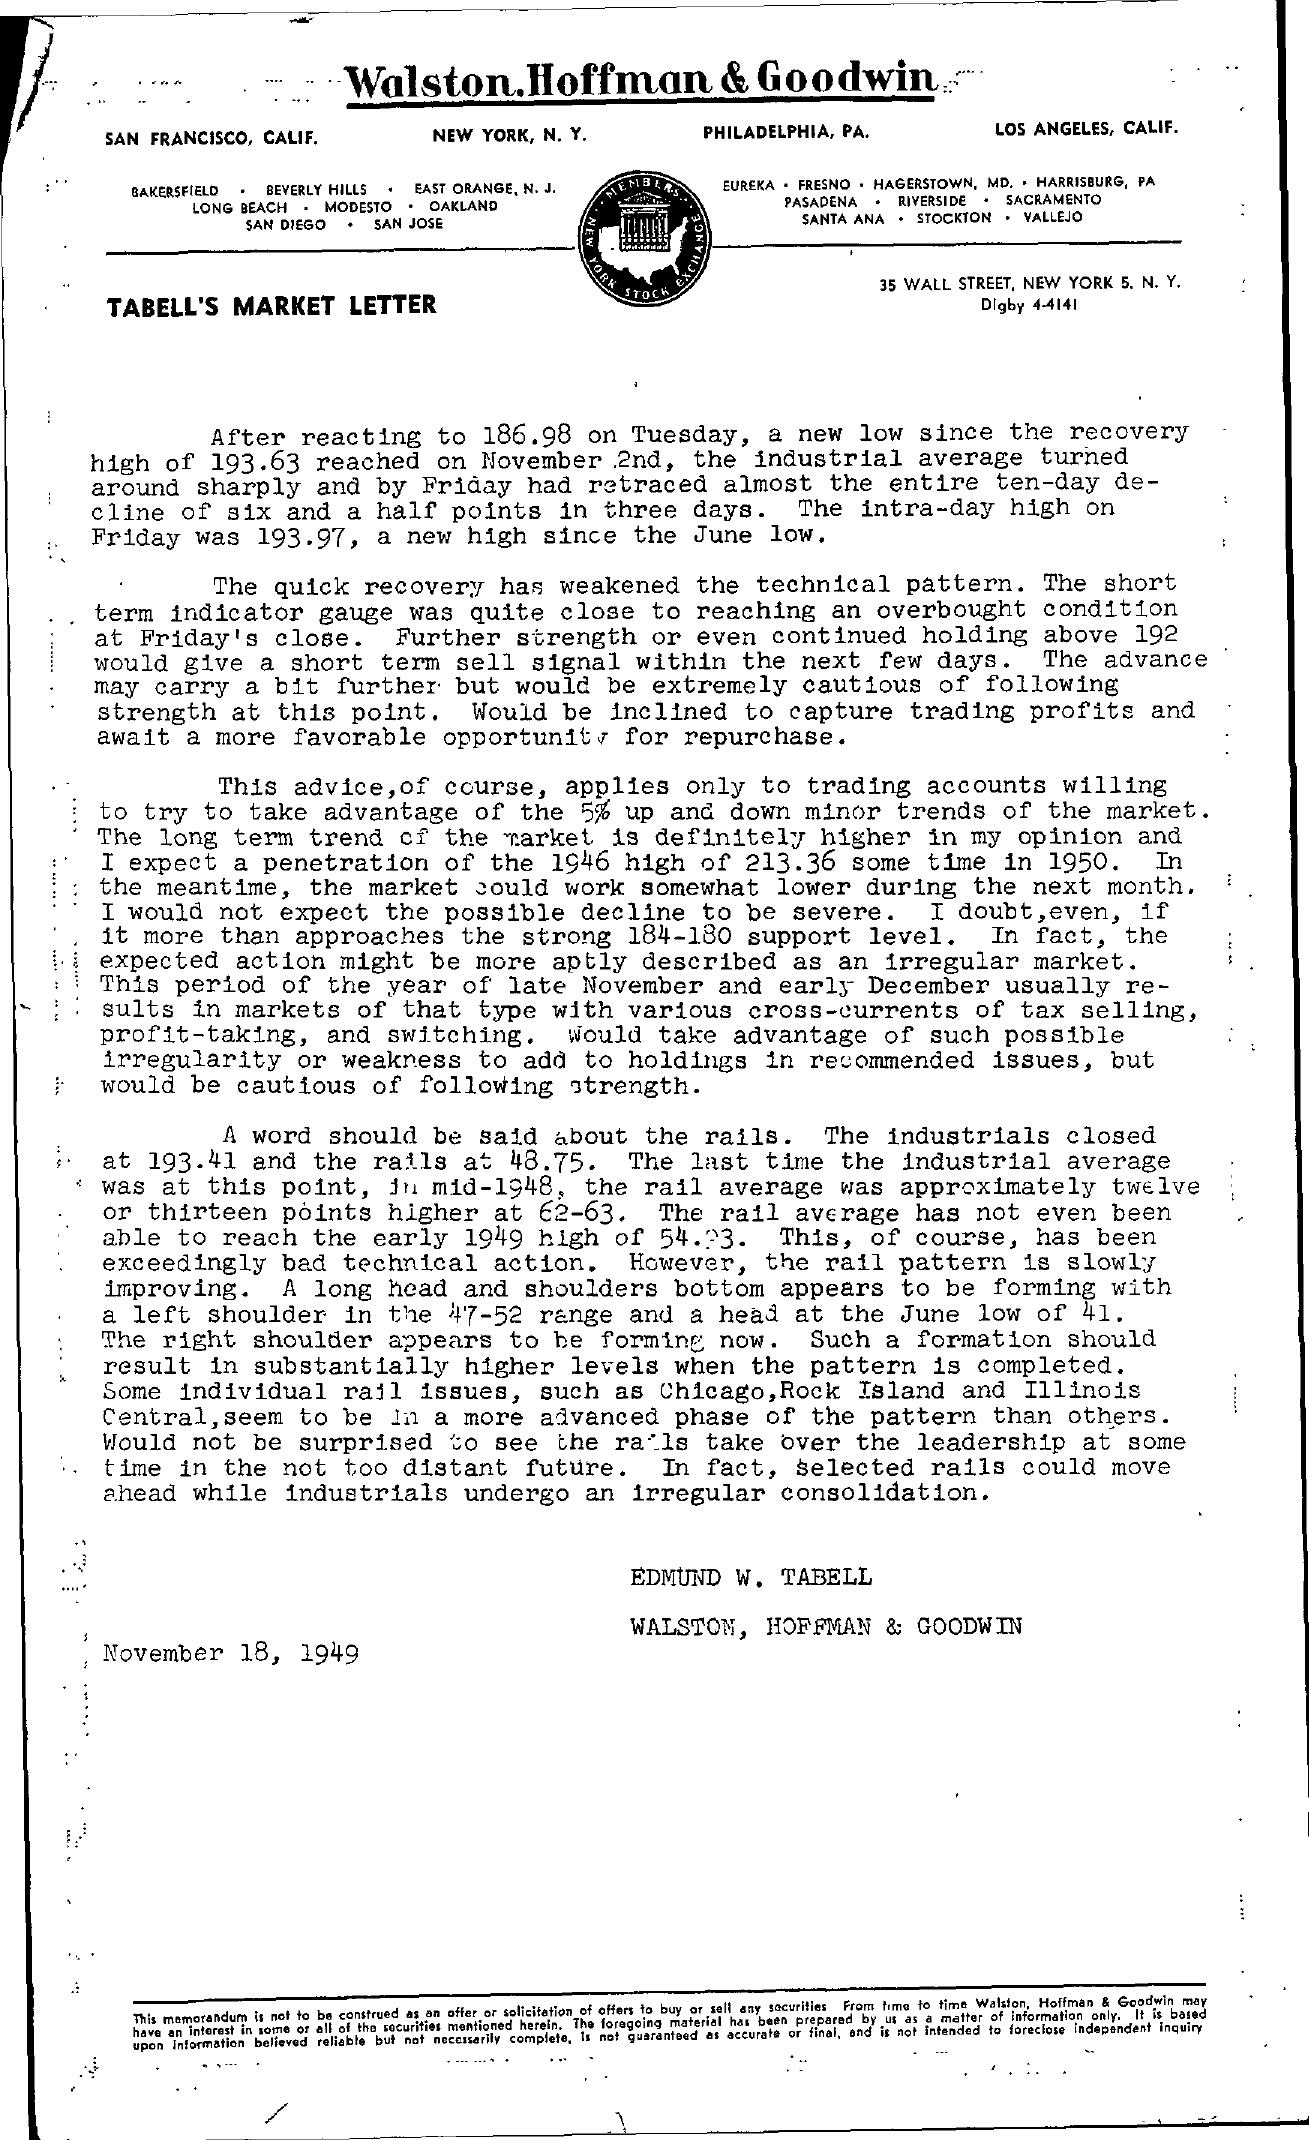 Tabell's Market Letter - November 18, 1949